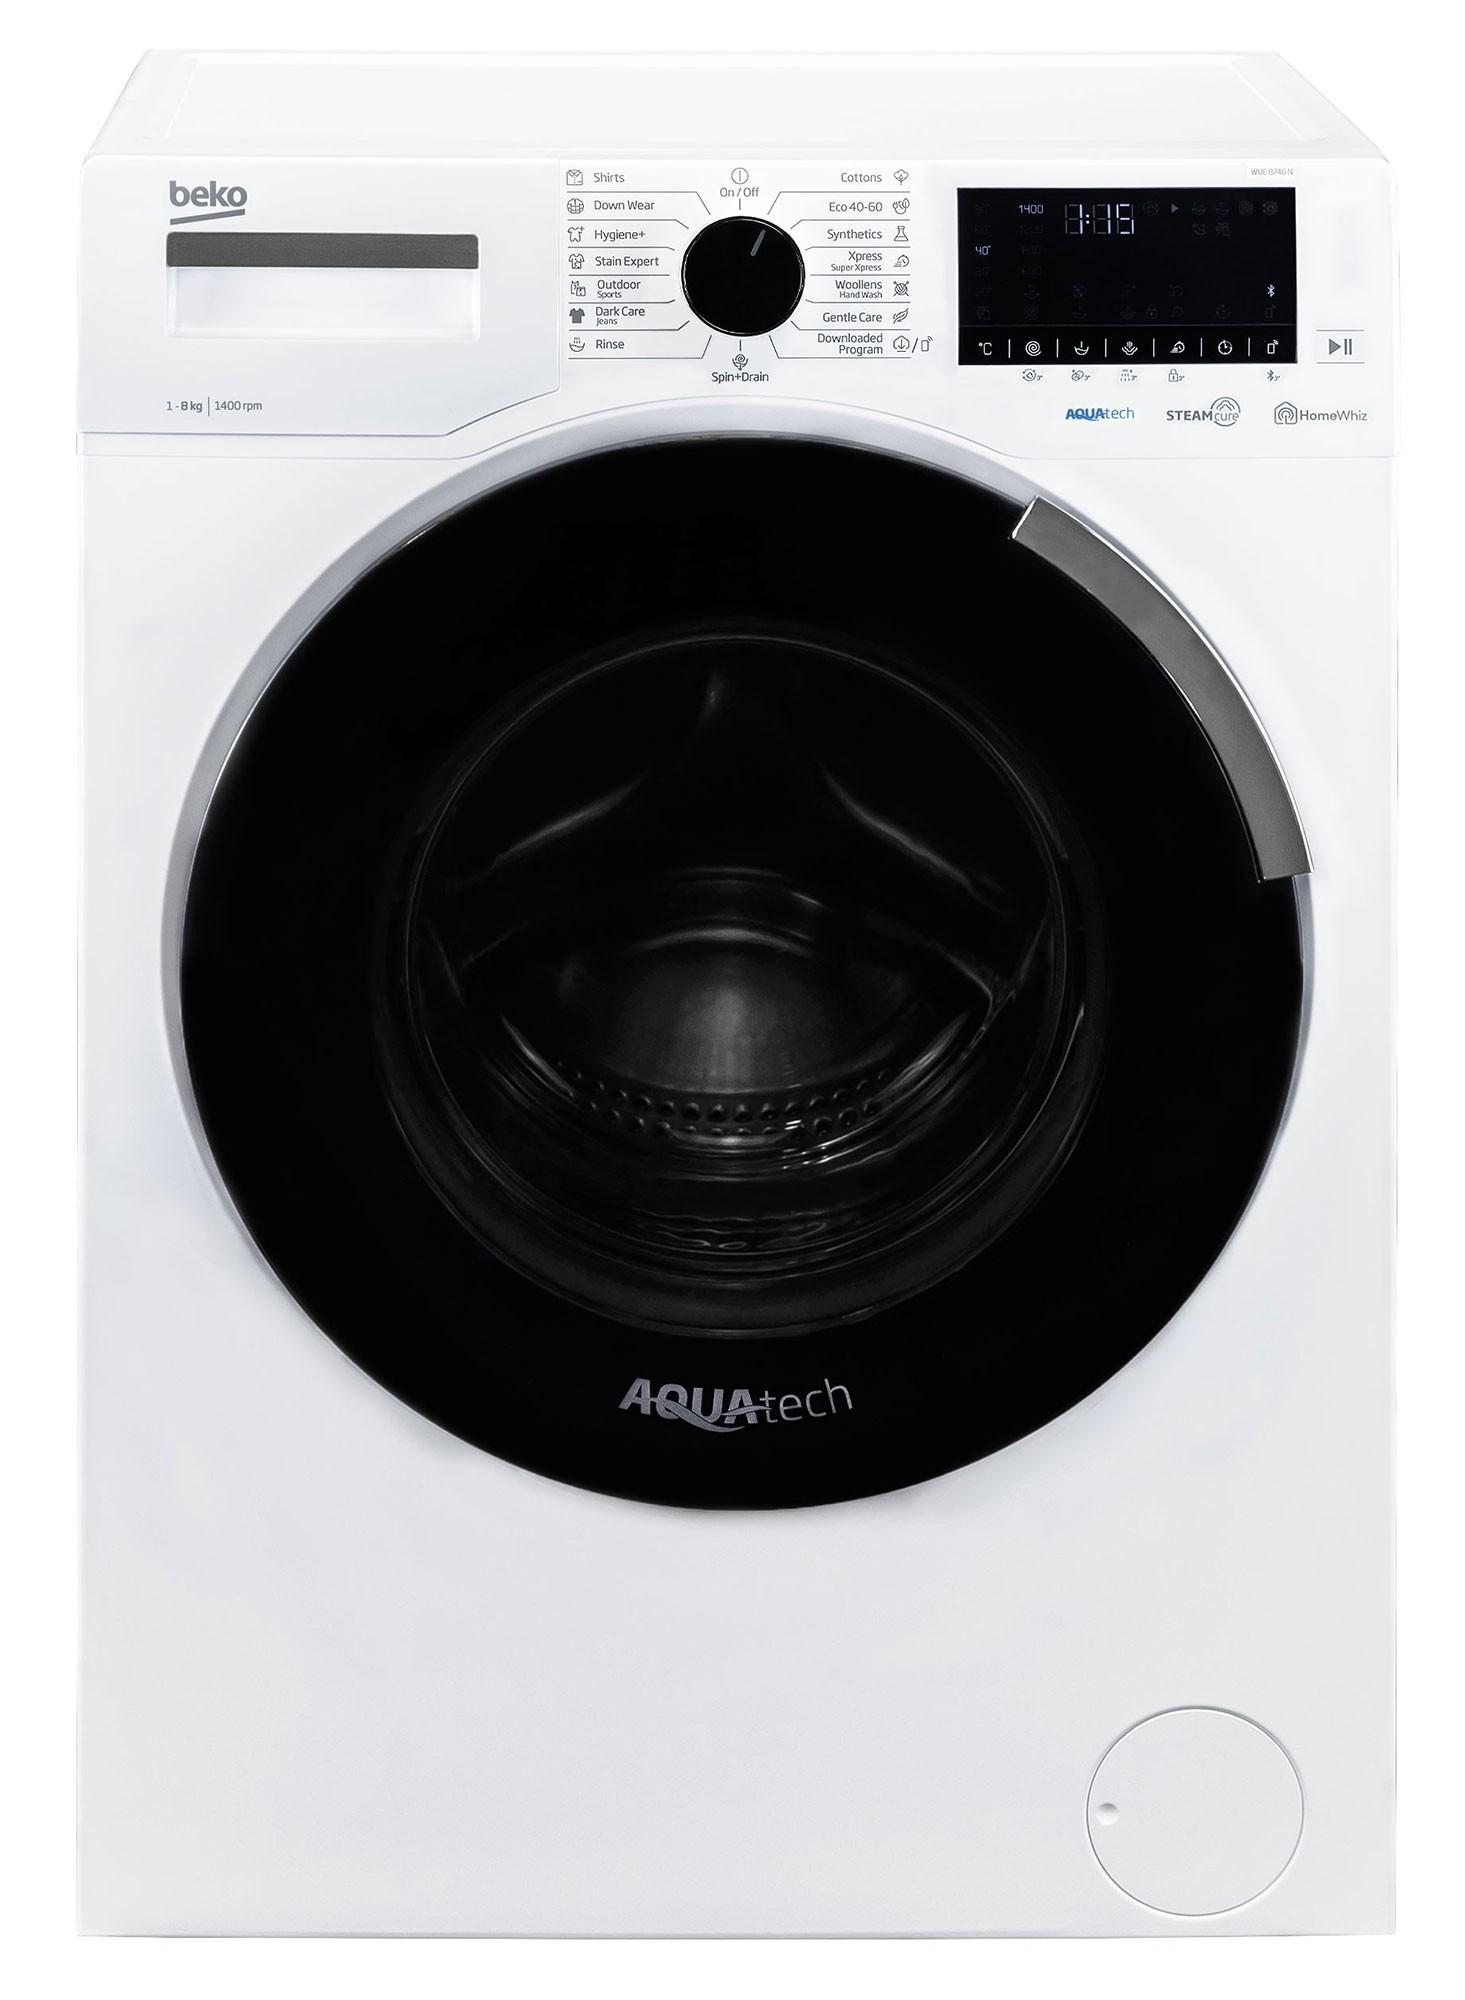 Masina de spalat rufe Beko WUE8746N (NOU 2020)